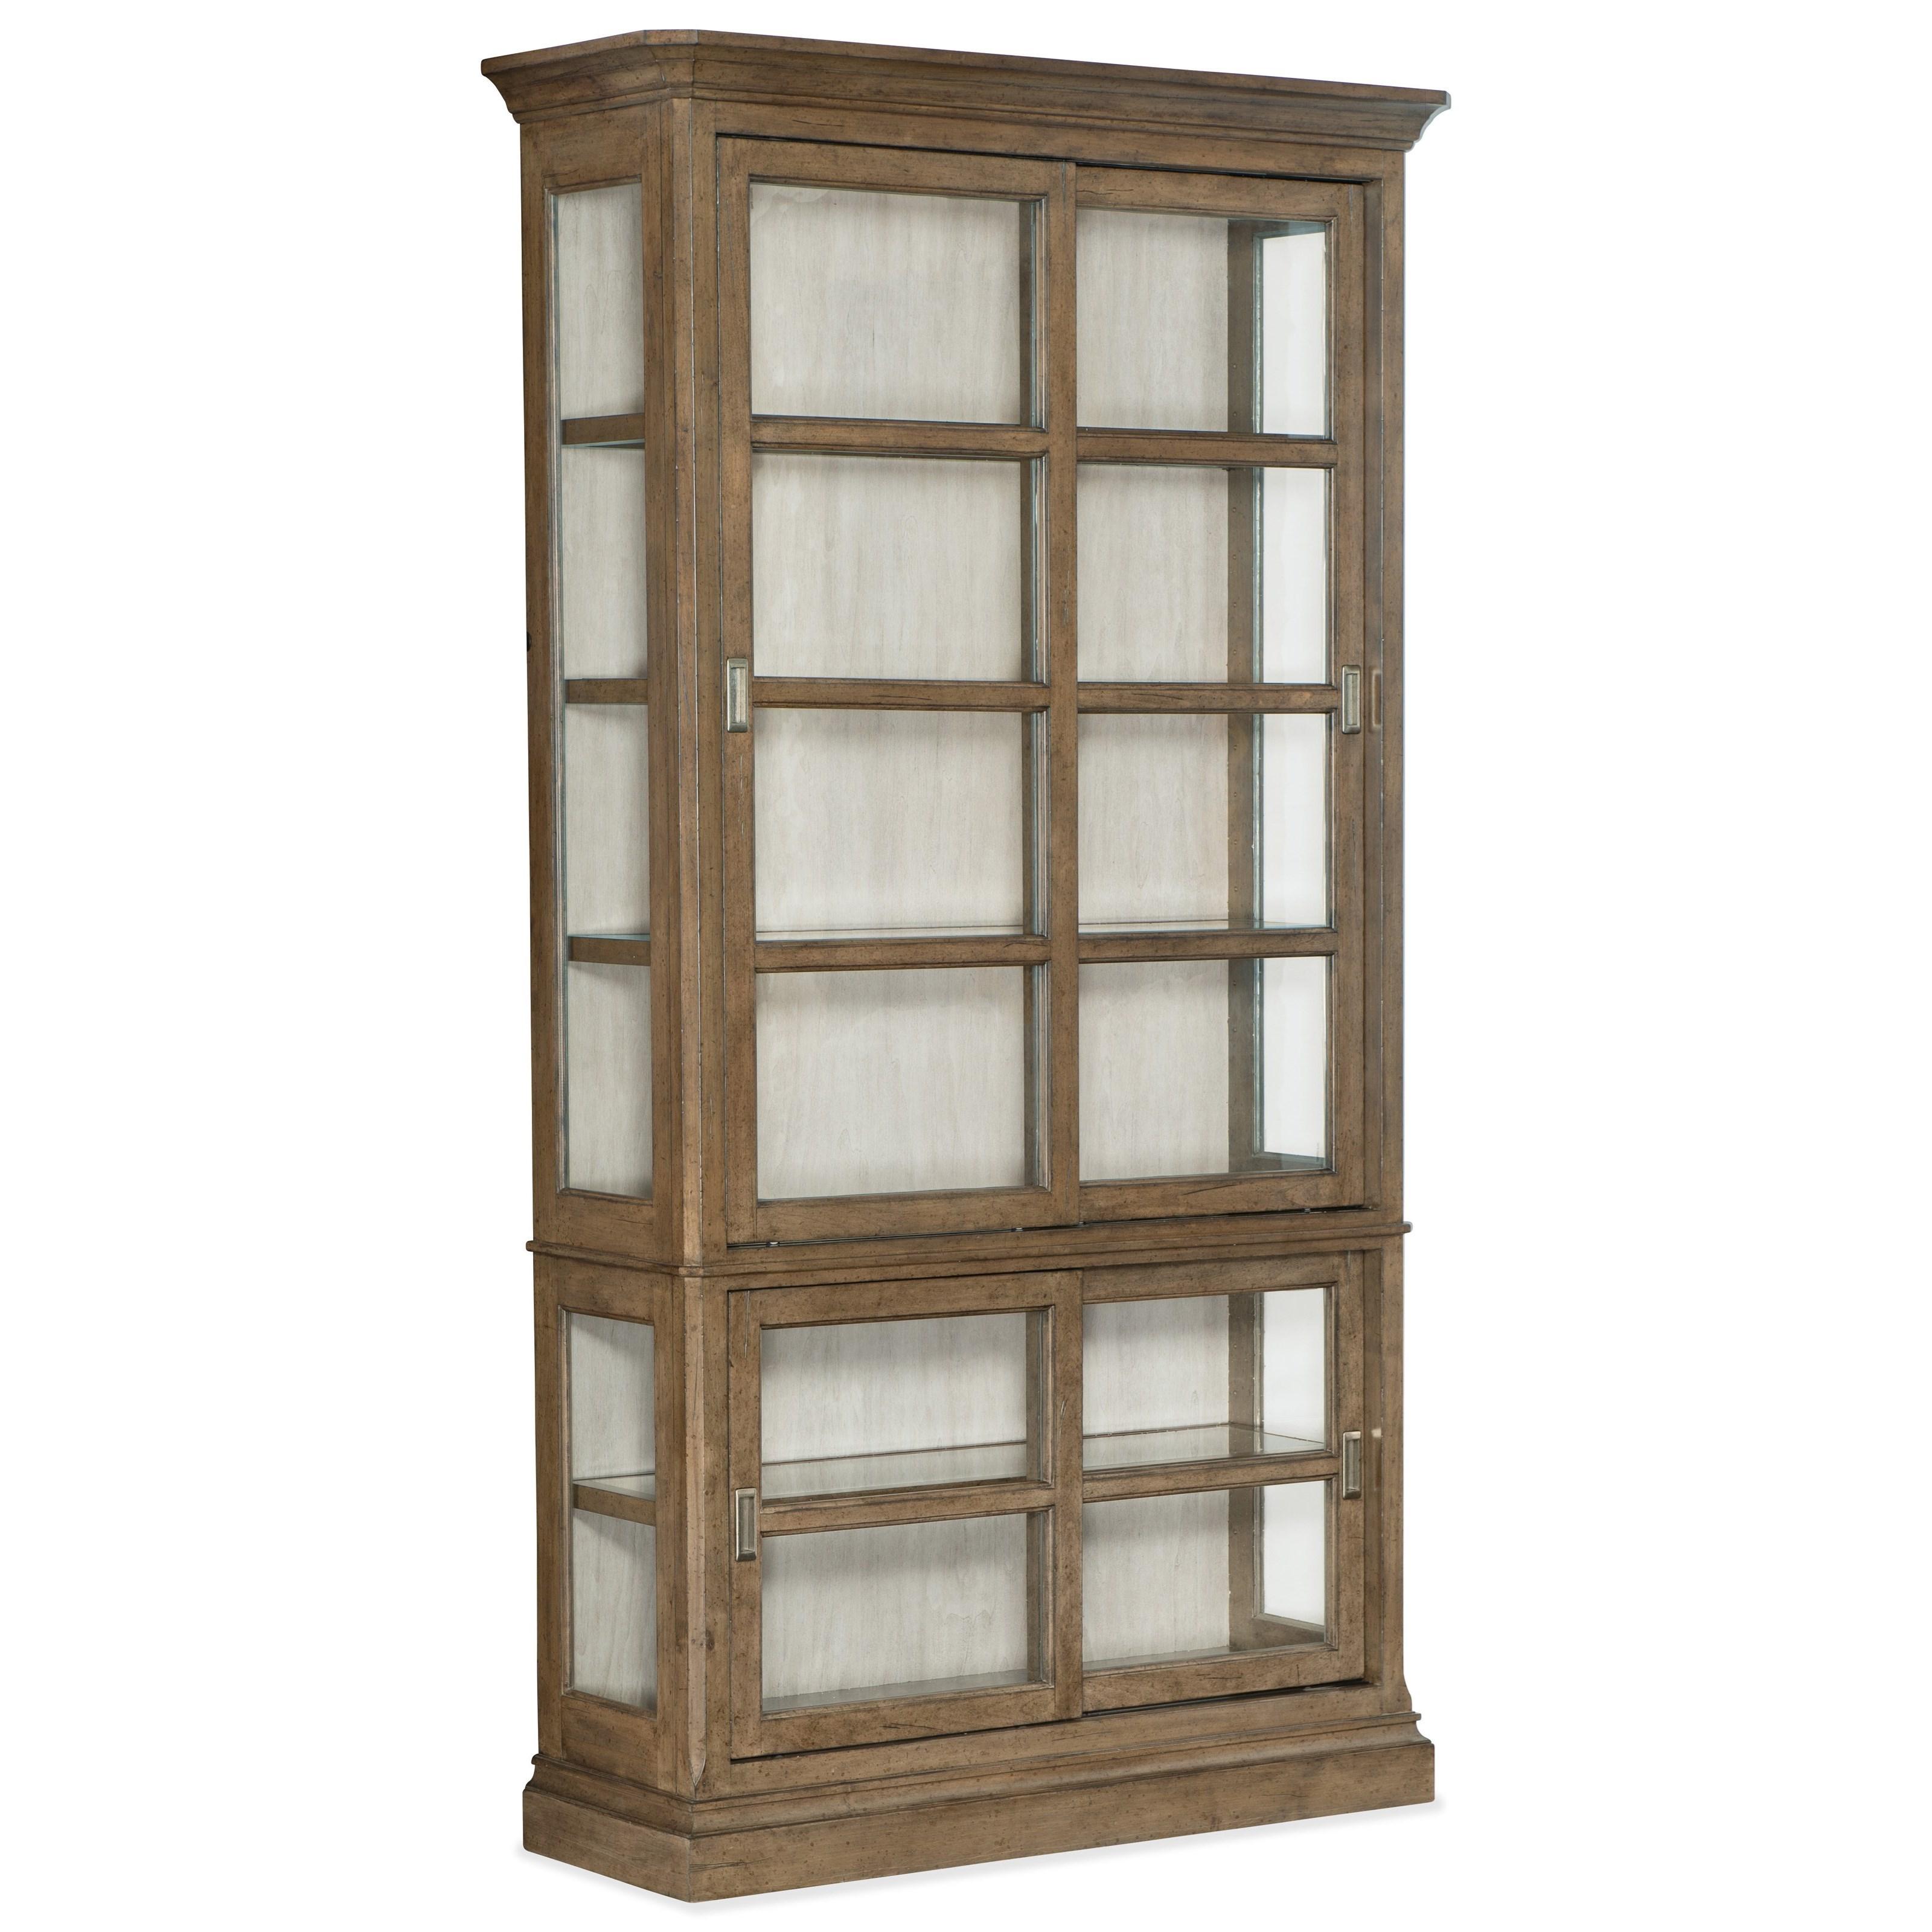 Montebello Sliding Door Display Cabinet by Hooker Furniture at Baer's Furniture